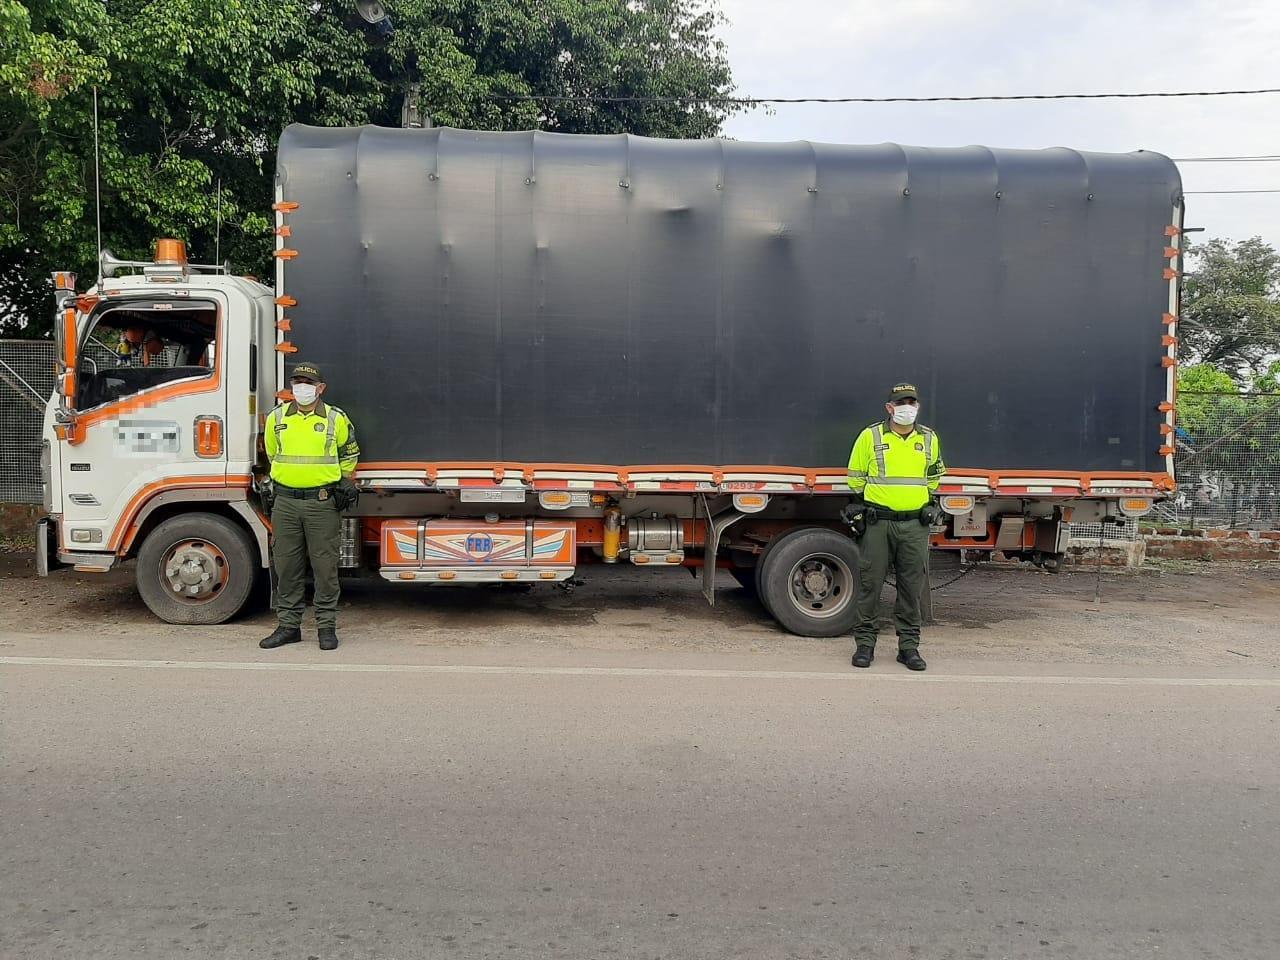 Policía recuperó un camión y su carga, avaluados en $ 252 millones